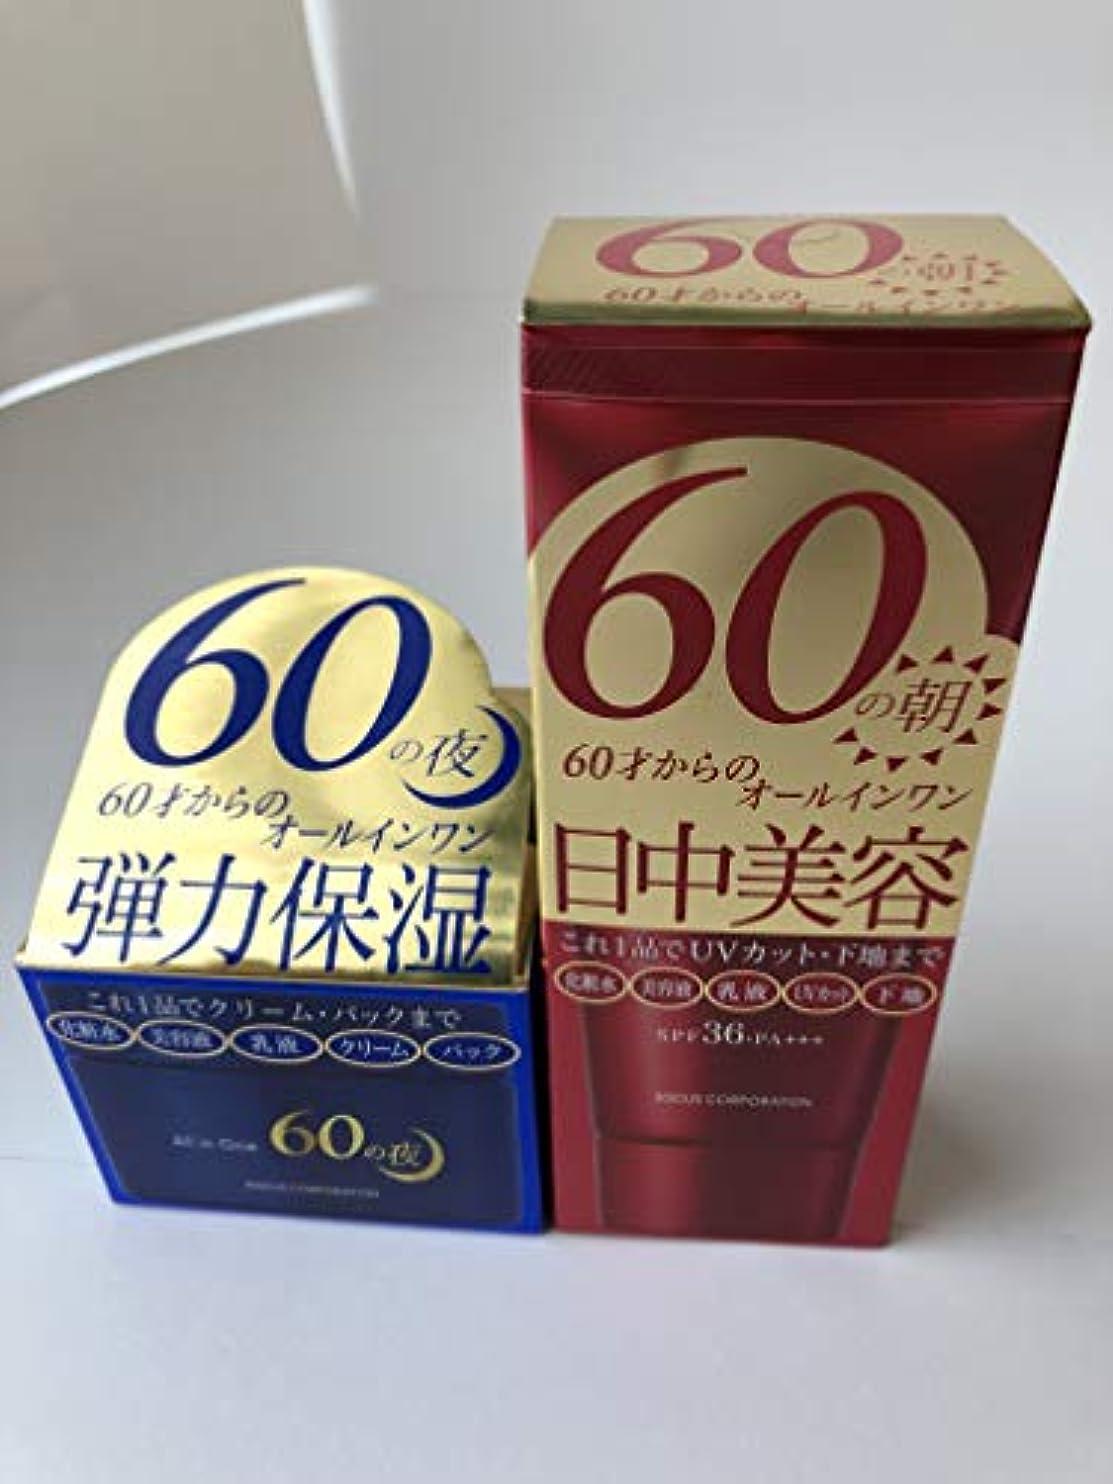 ネズミオーラル契約ビズー 60の朝(1本入) +ビズー 60の夜(1本入) / (1set)